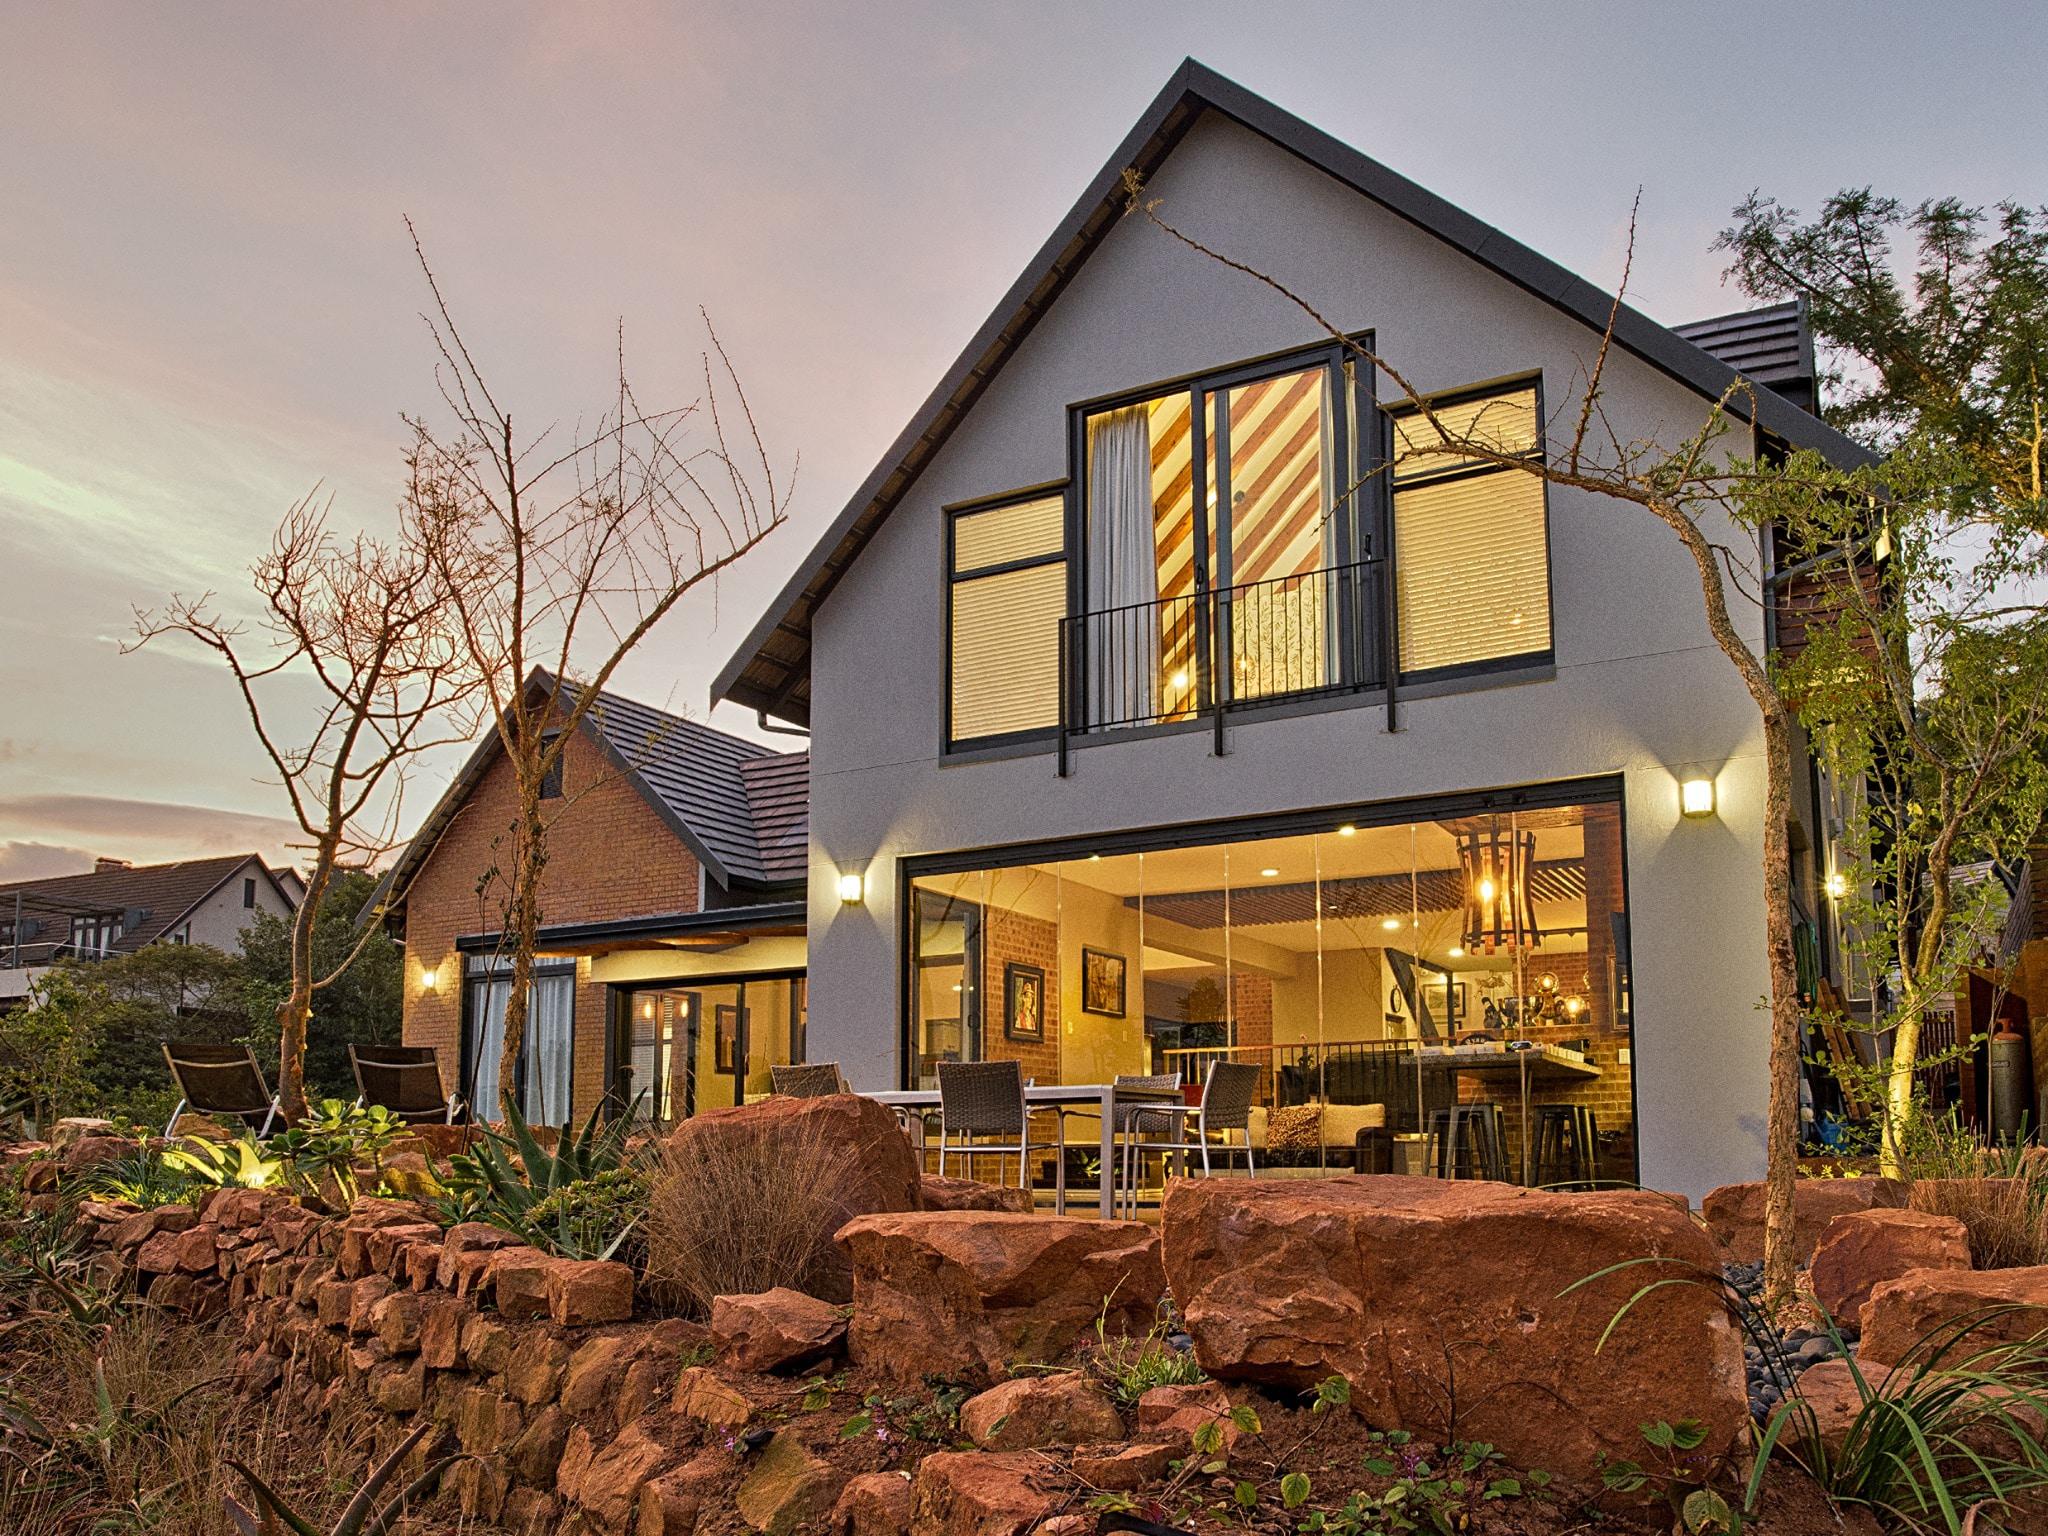 Schiebetürsysteme Terrassenverglasung ohne Rahmen